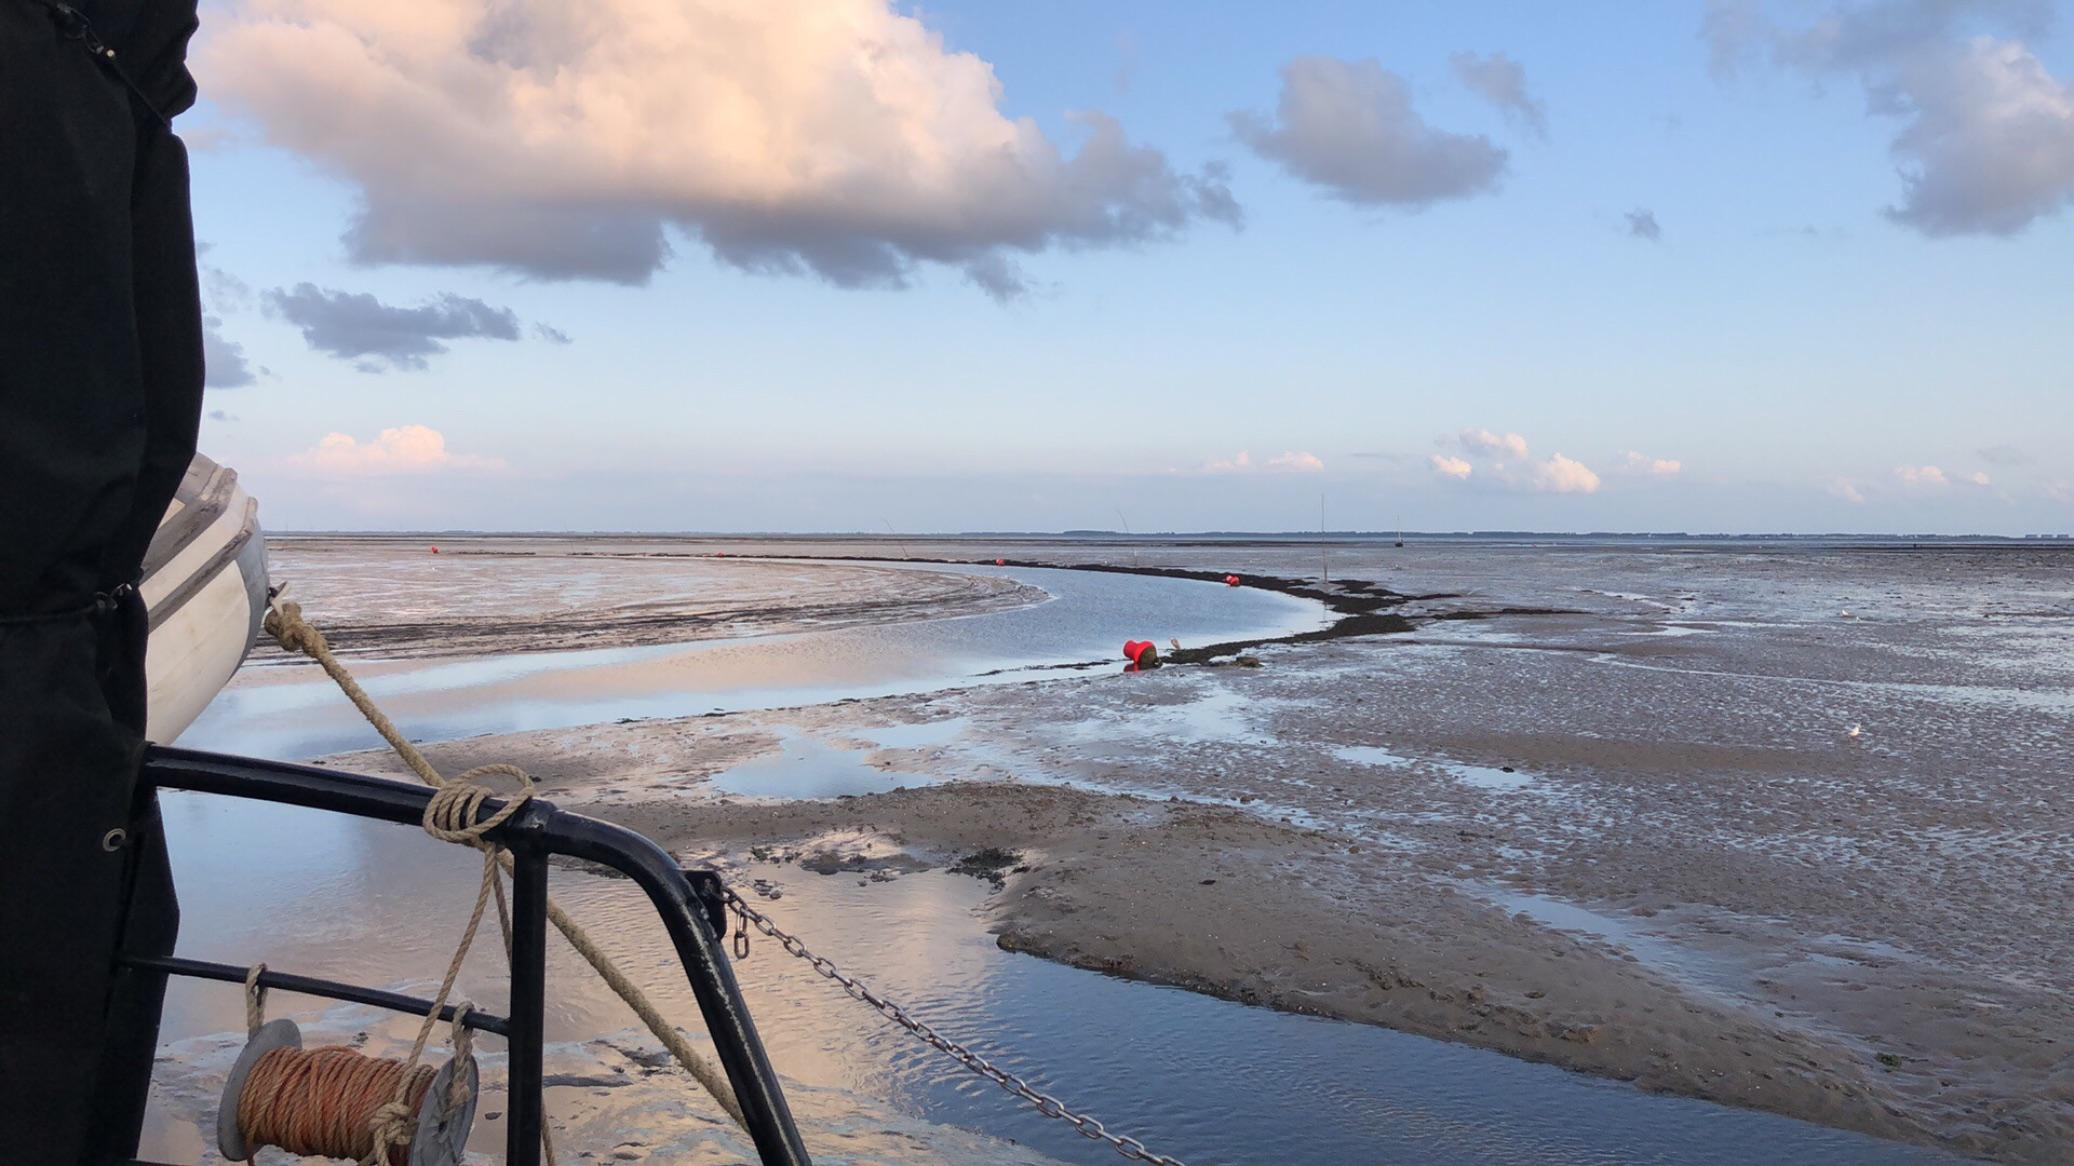 klipper nova cura droog op Schiermonnikoog, zeilschip